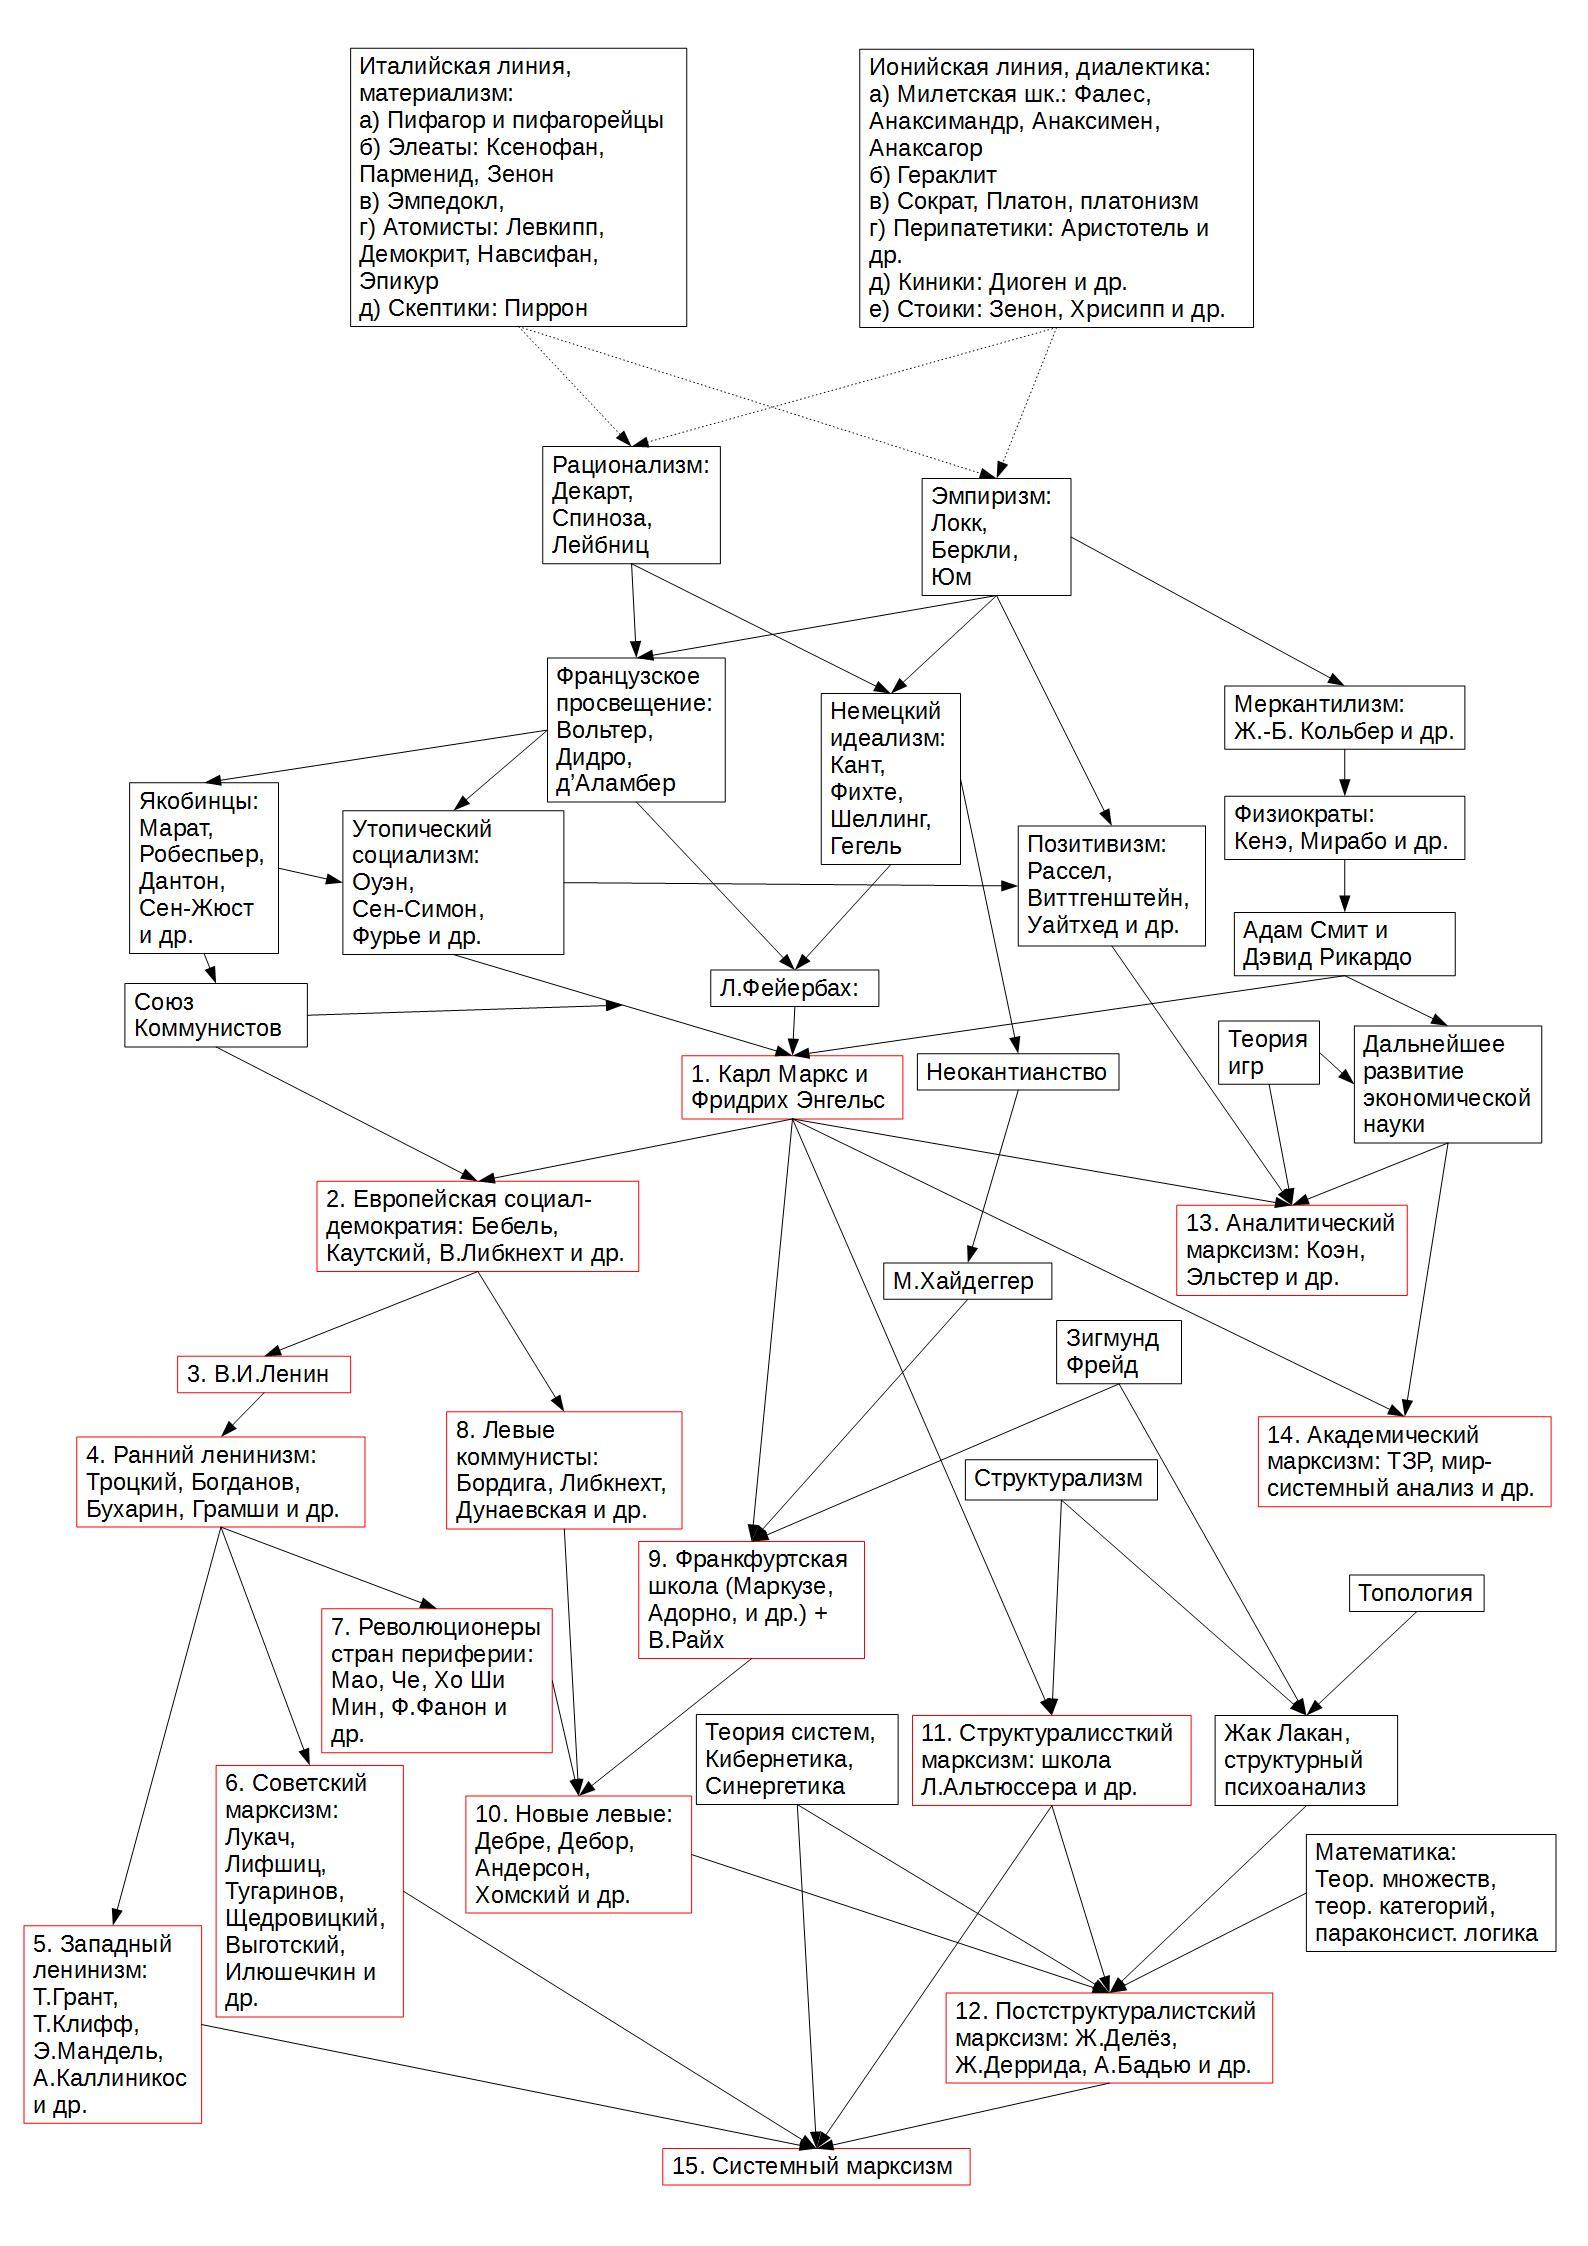 Схема эволюции школ марксизма